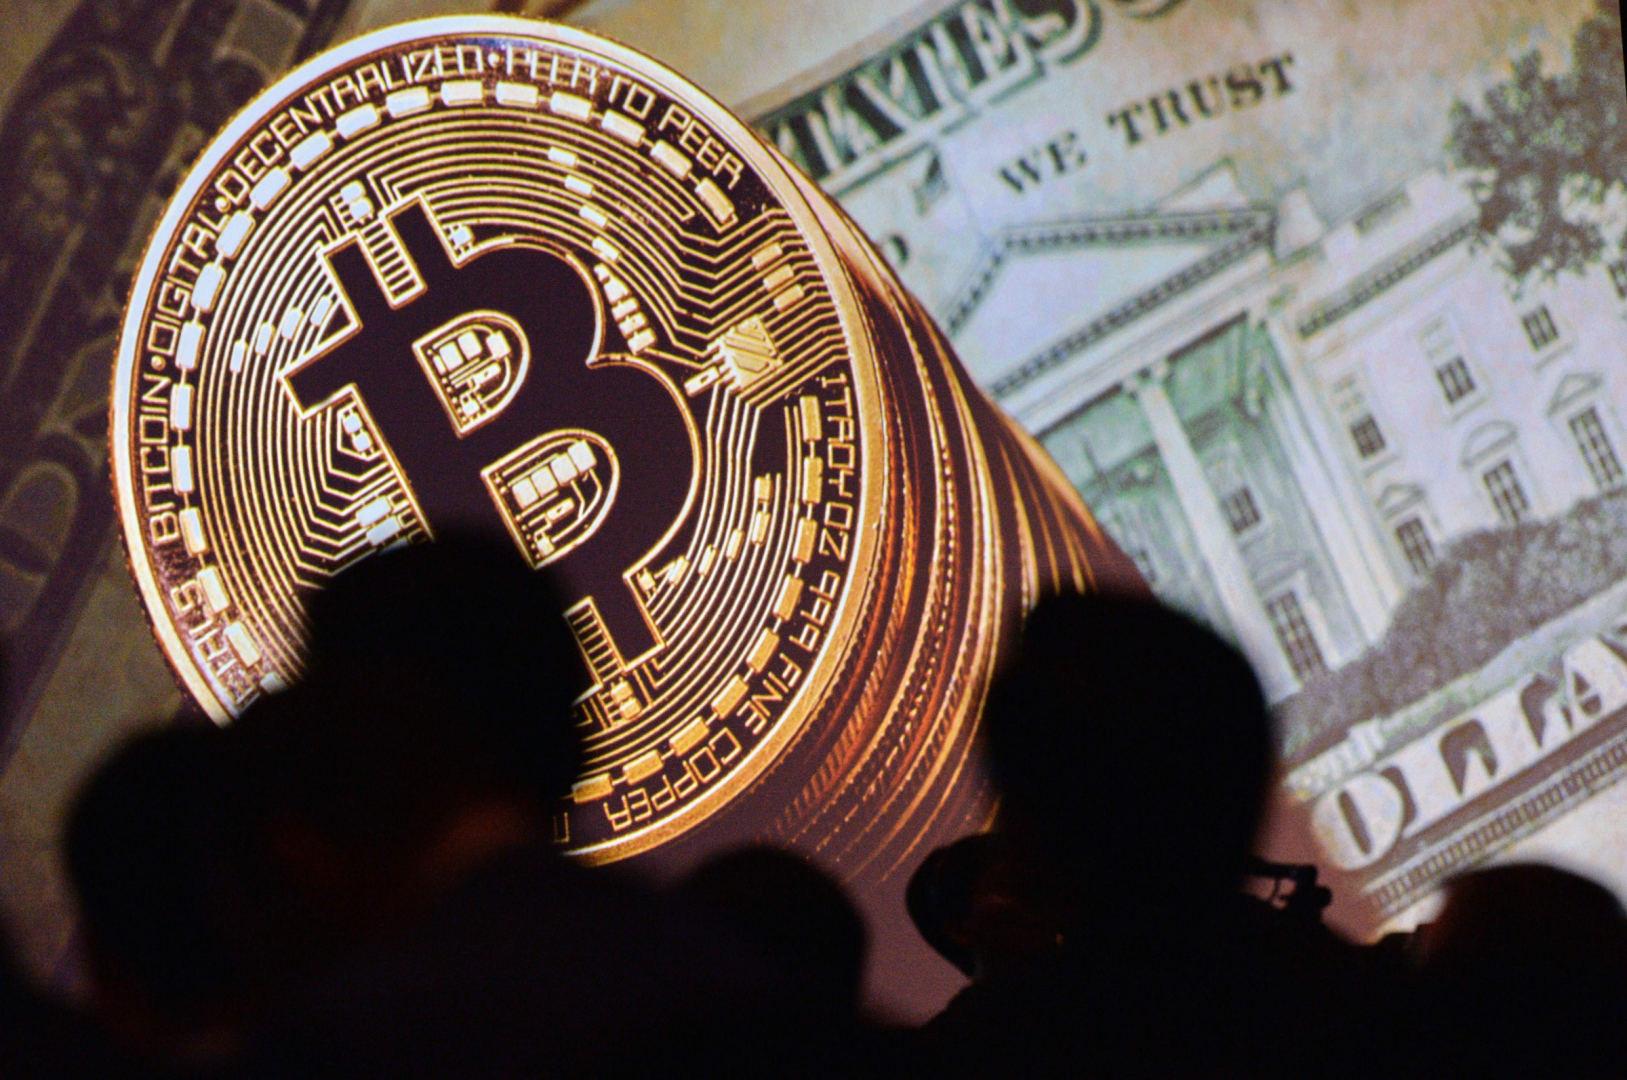 prekybos bitkoinų ateities